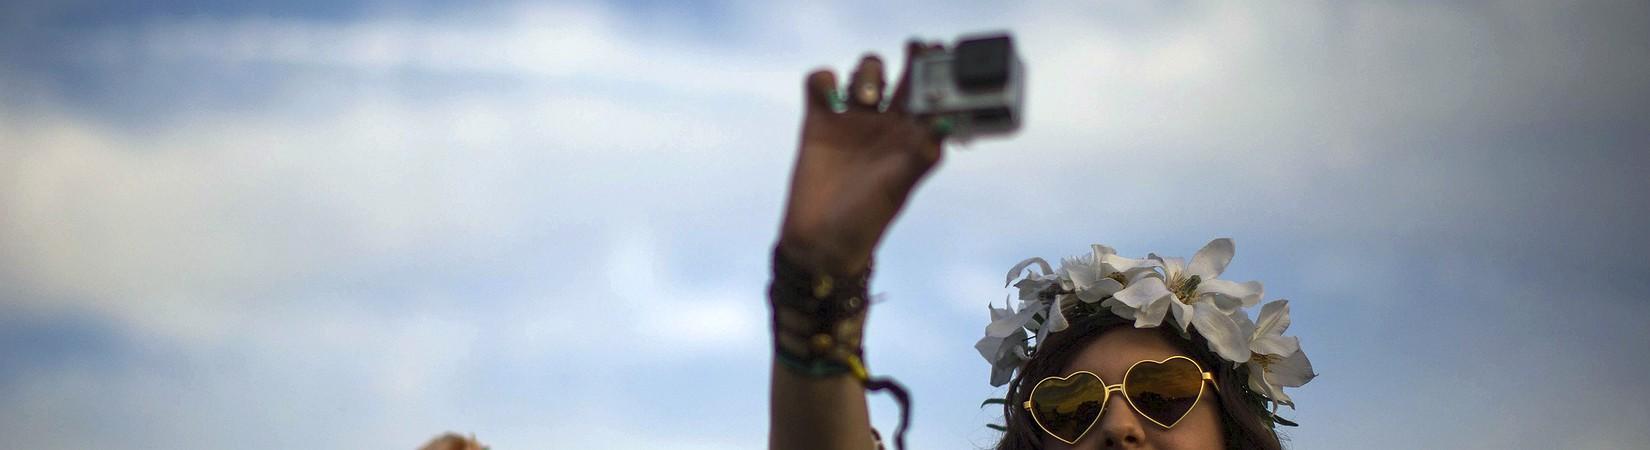 GoPro presenta su nueva cámara y dron plegable